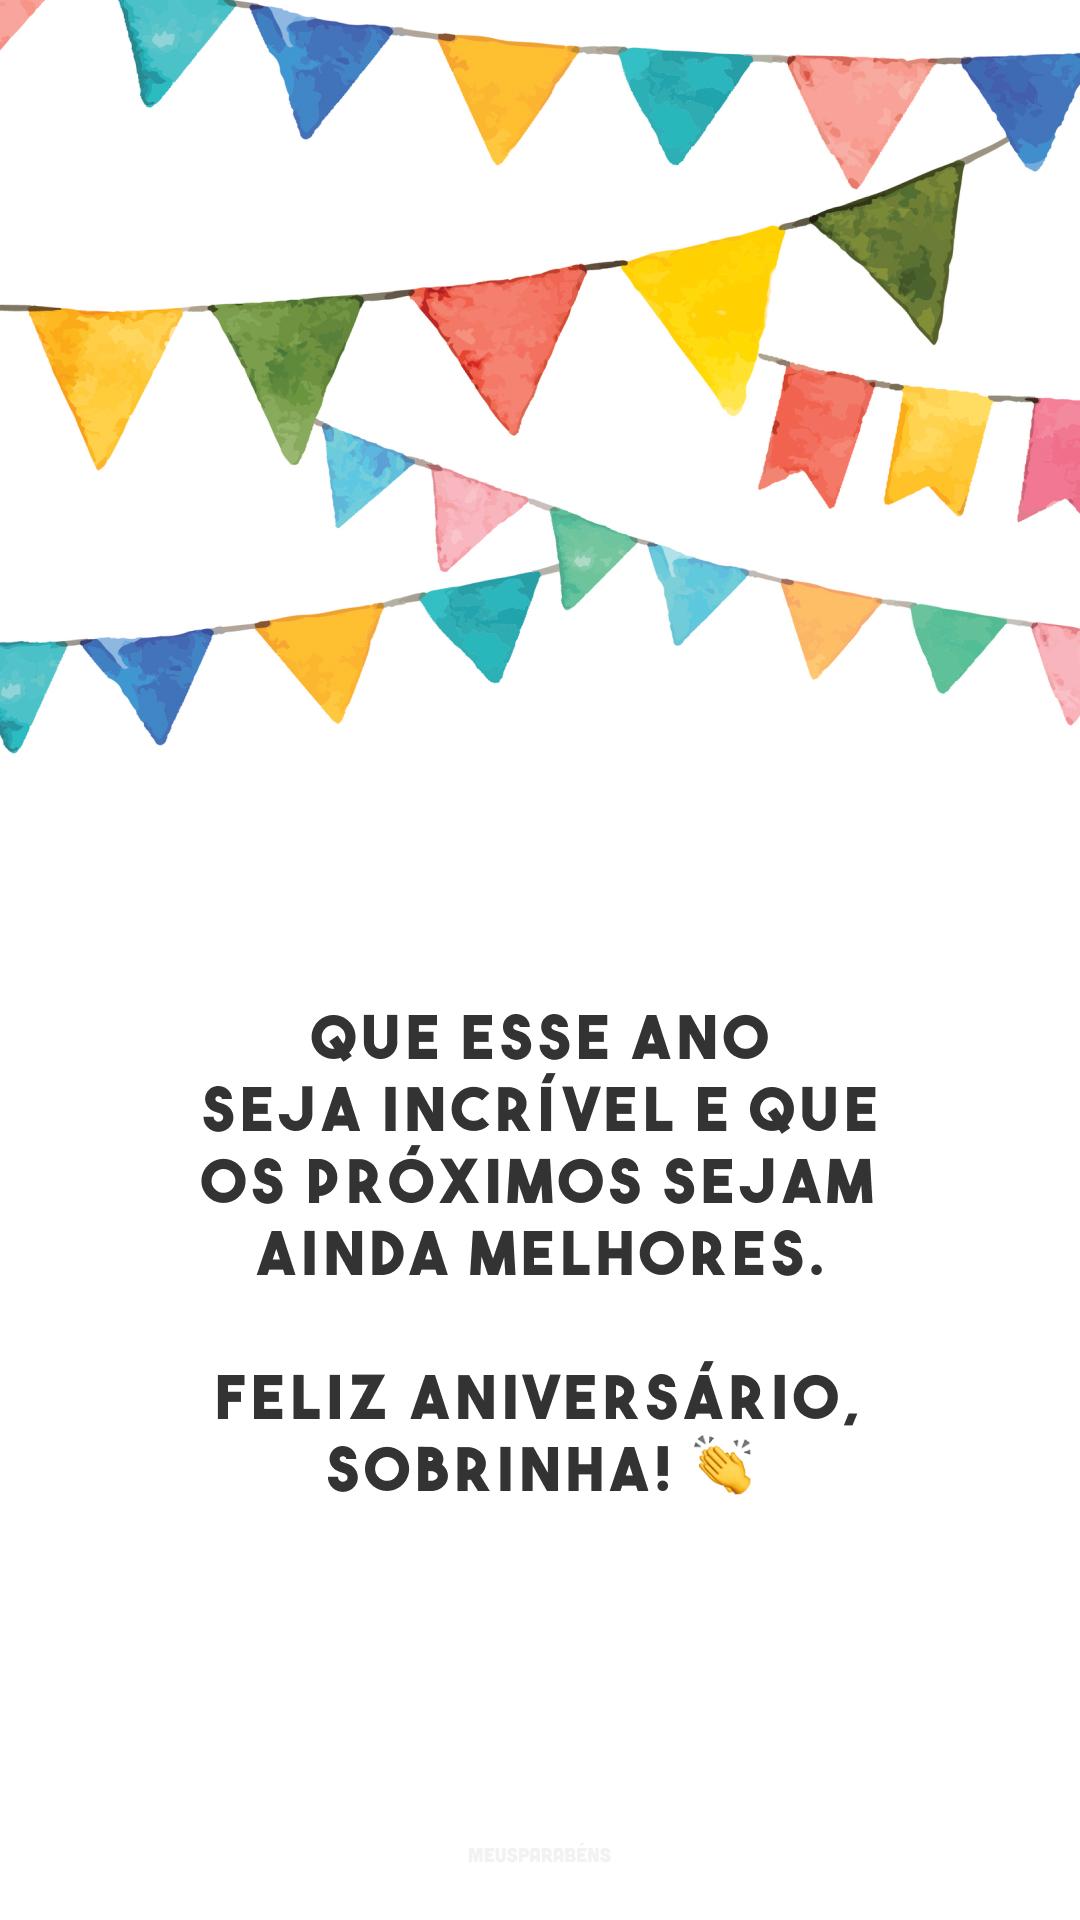 Que esse ano seja incrível e que os próximos sejam ainda melhores. Feliz aniversário, sobrinha! 👏